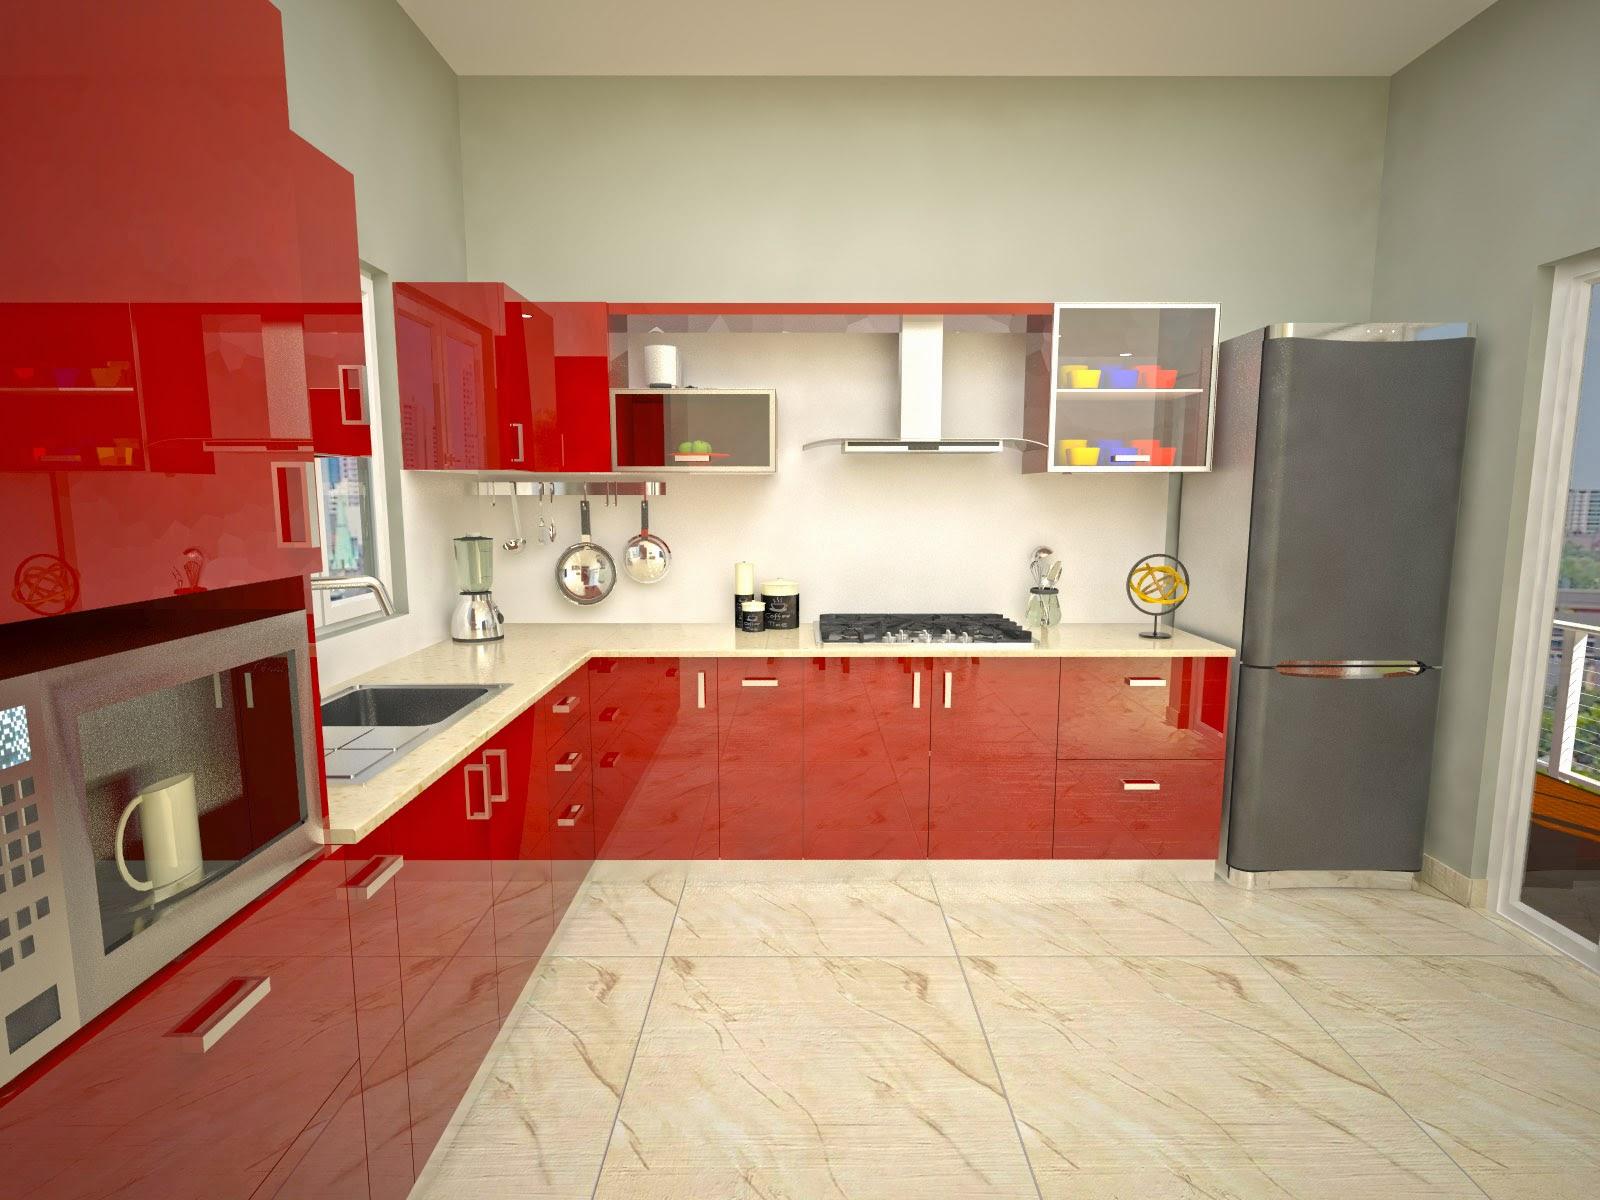 aamoda kitchen u shaped l shaped modular kitchen design. Black Bedroom Furniture Sets. Home Design Ideas